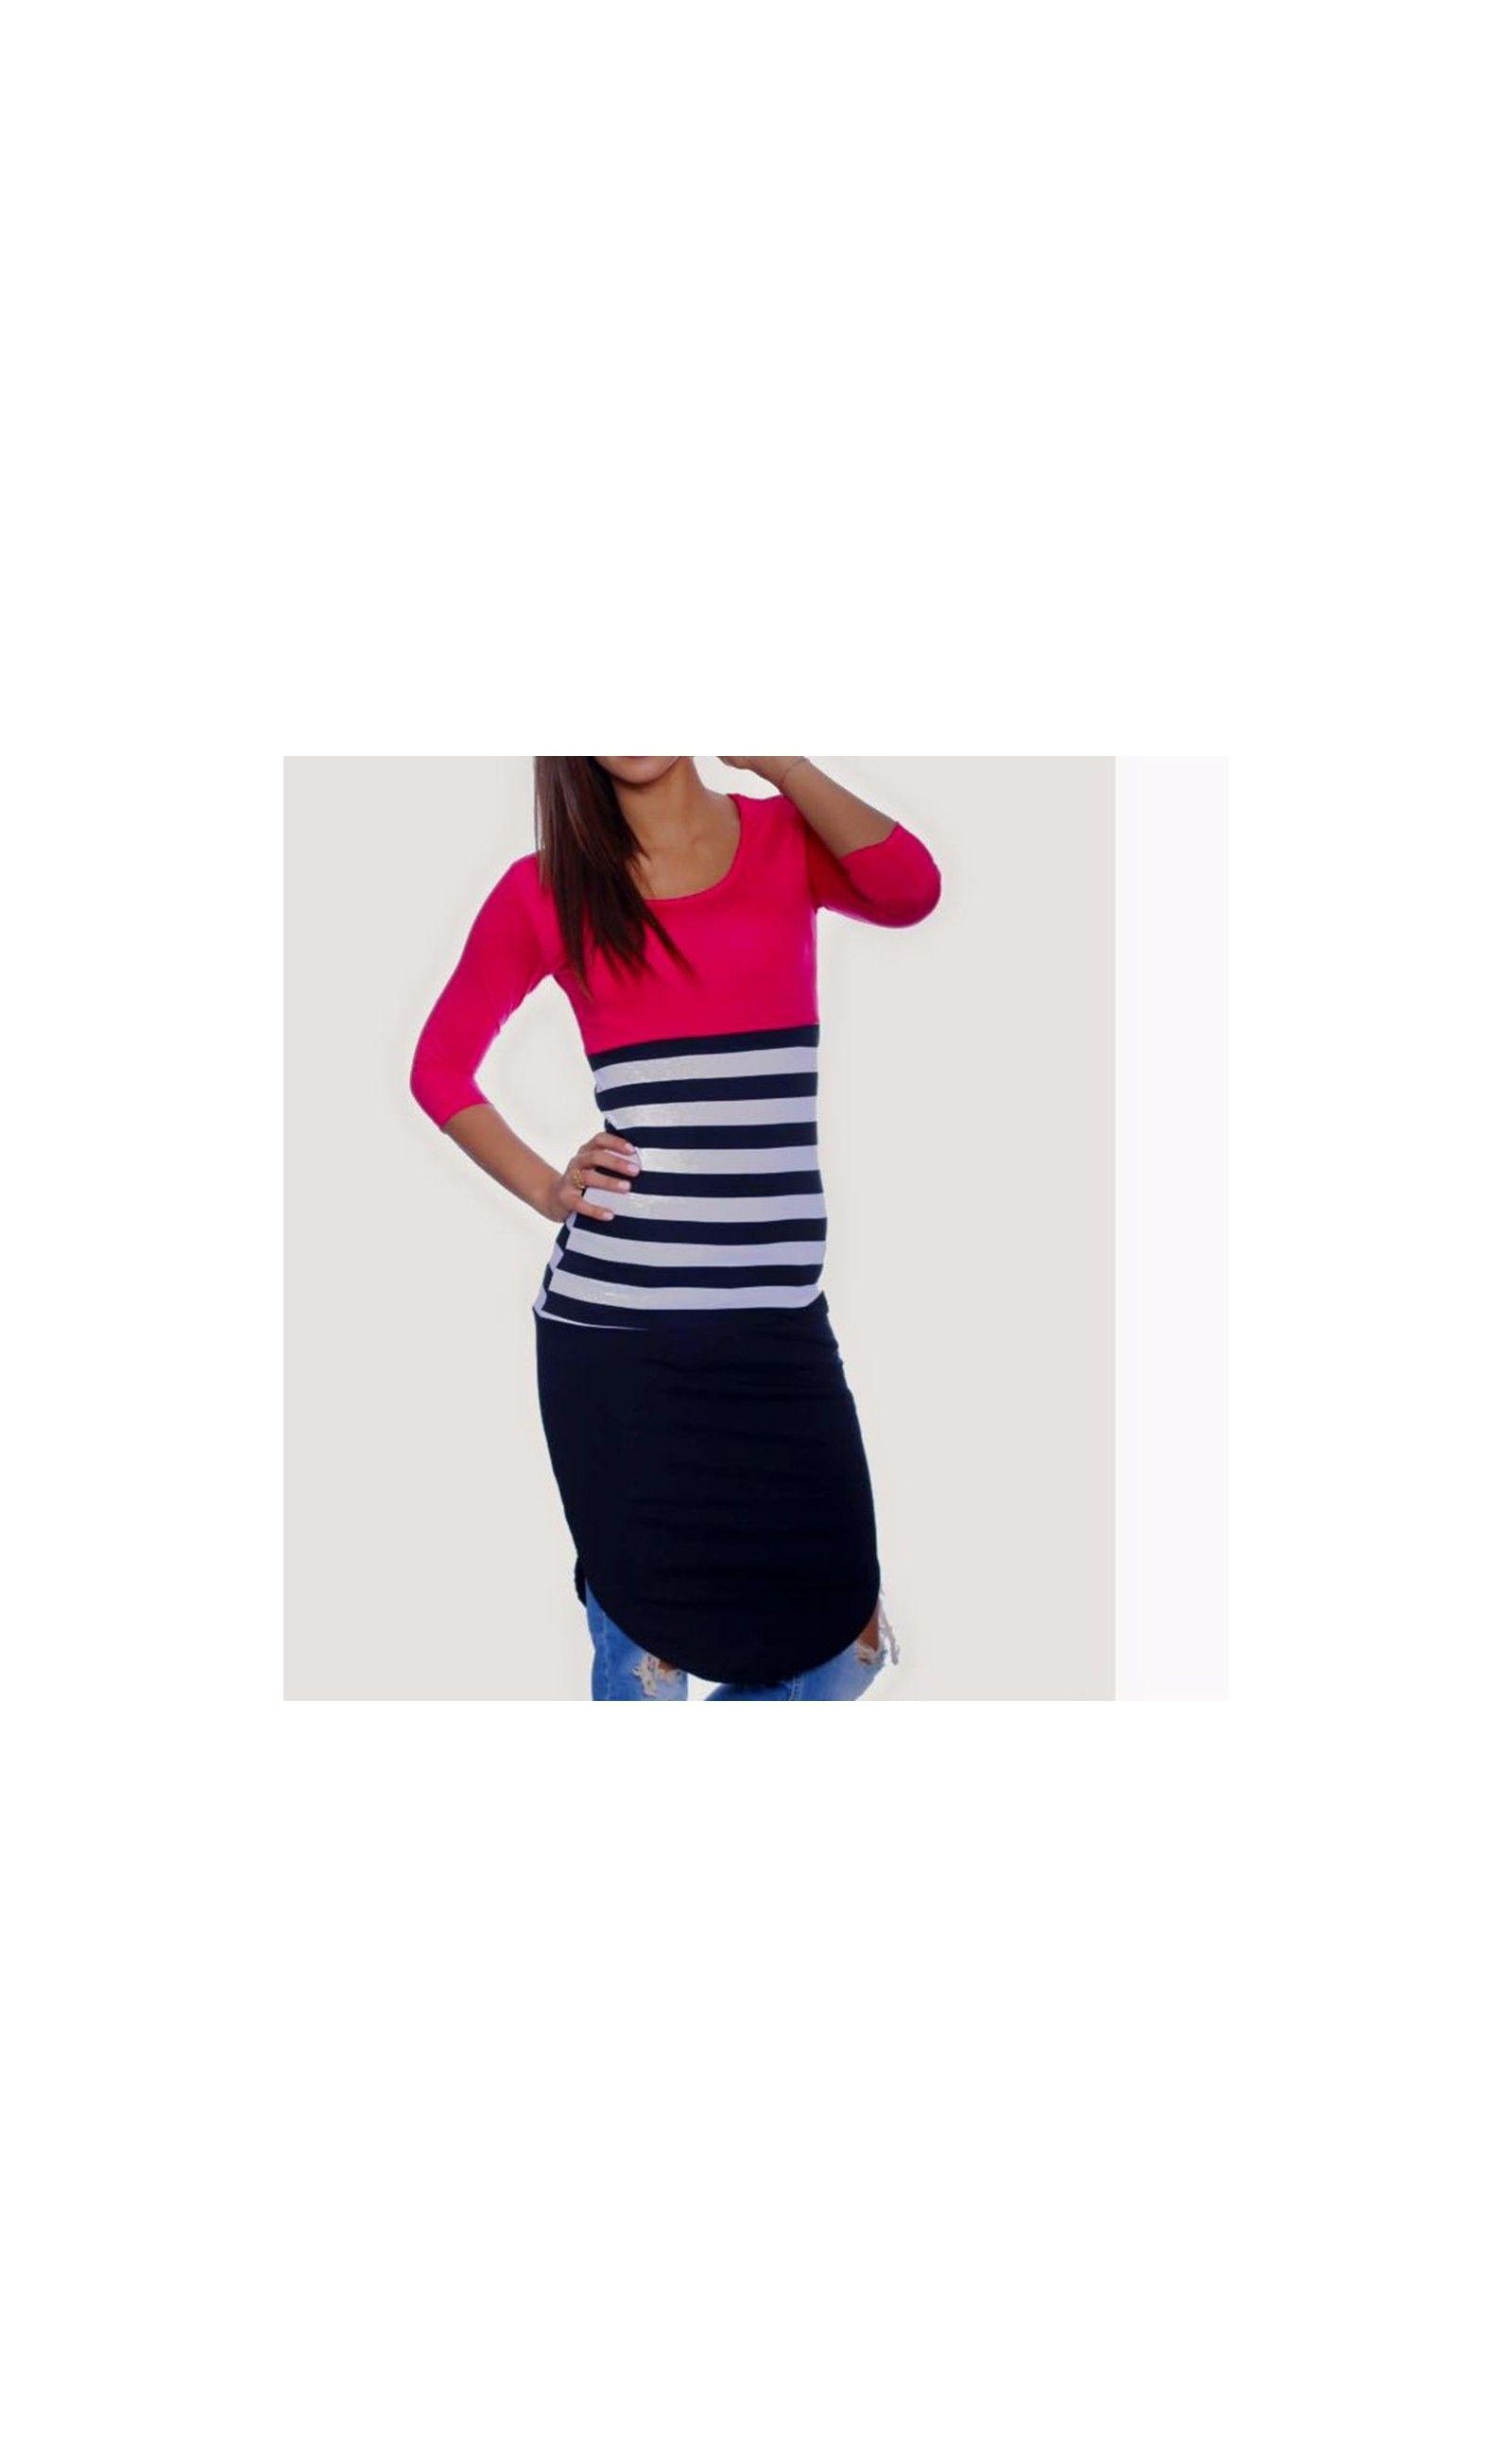 e0f52057f8 Háromnegyedes ujjú ruha, 3/4 es ujjú ruha magenta fekete színű ruhák -  Ruházat összes - Női Ruha Webáruház, Alkalmi ruha webshop tunika, Felső